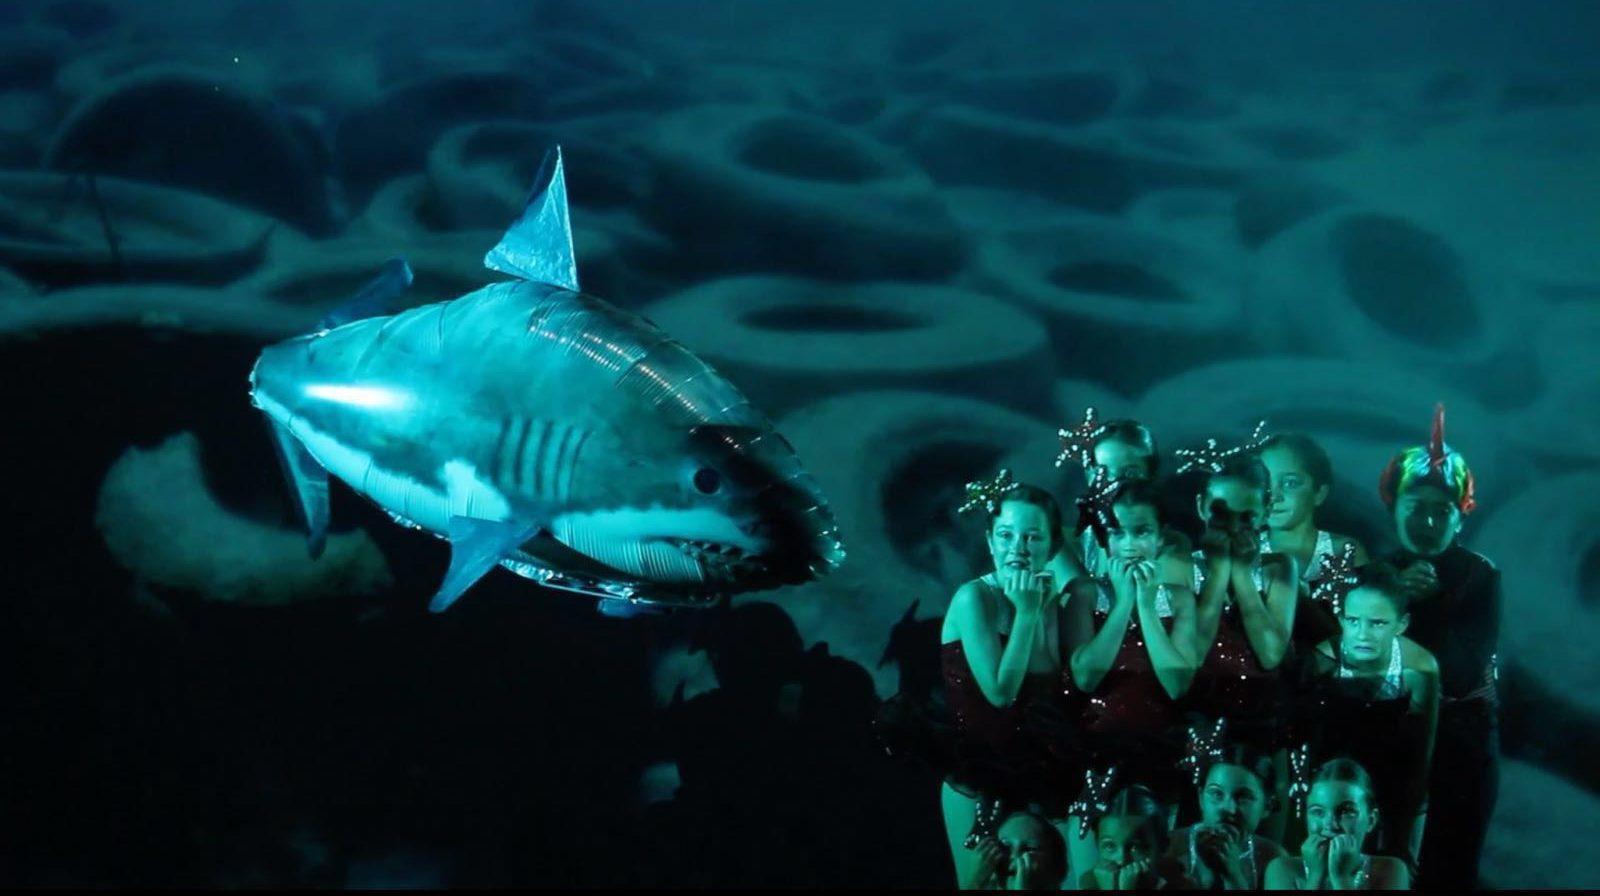 Foto del Musical Si los peces hablaran... del Centro de Danza Sandra Santa Cruz donde un tiburón de helio se acerca amenazante a un grupo baialrines vestidos de peces que lo mira aterrado. En la pantalla de proyección se ve que el fondo marino está lleno de gomas de neumáticos que se han arrojado al mar.